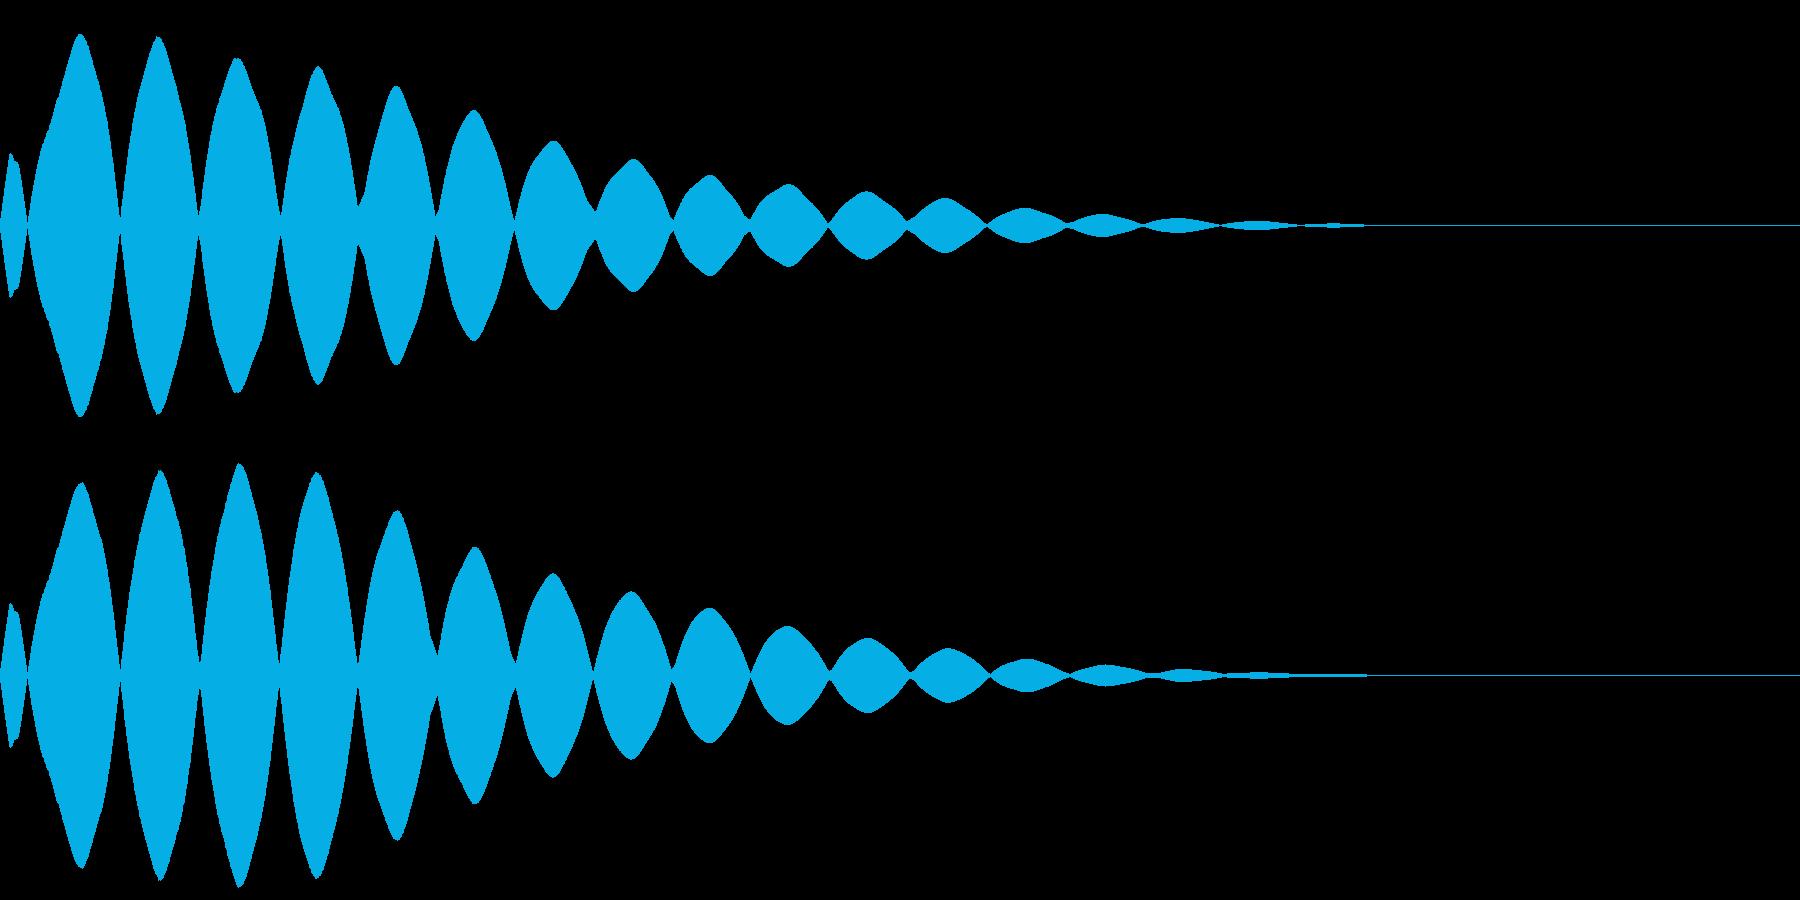 【キラーン】(光るエフェクト)の再生済みの波形